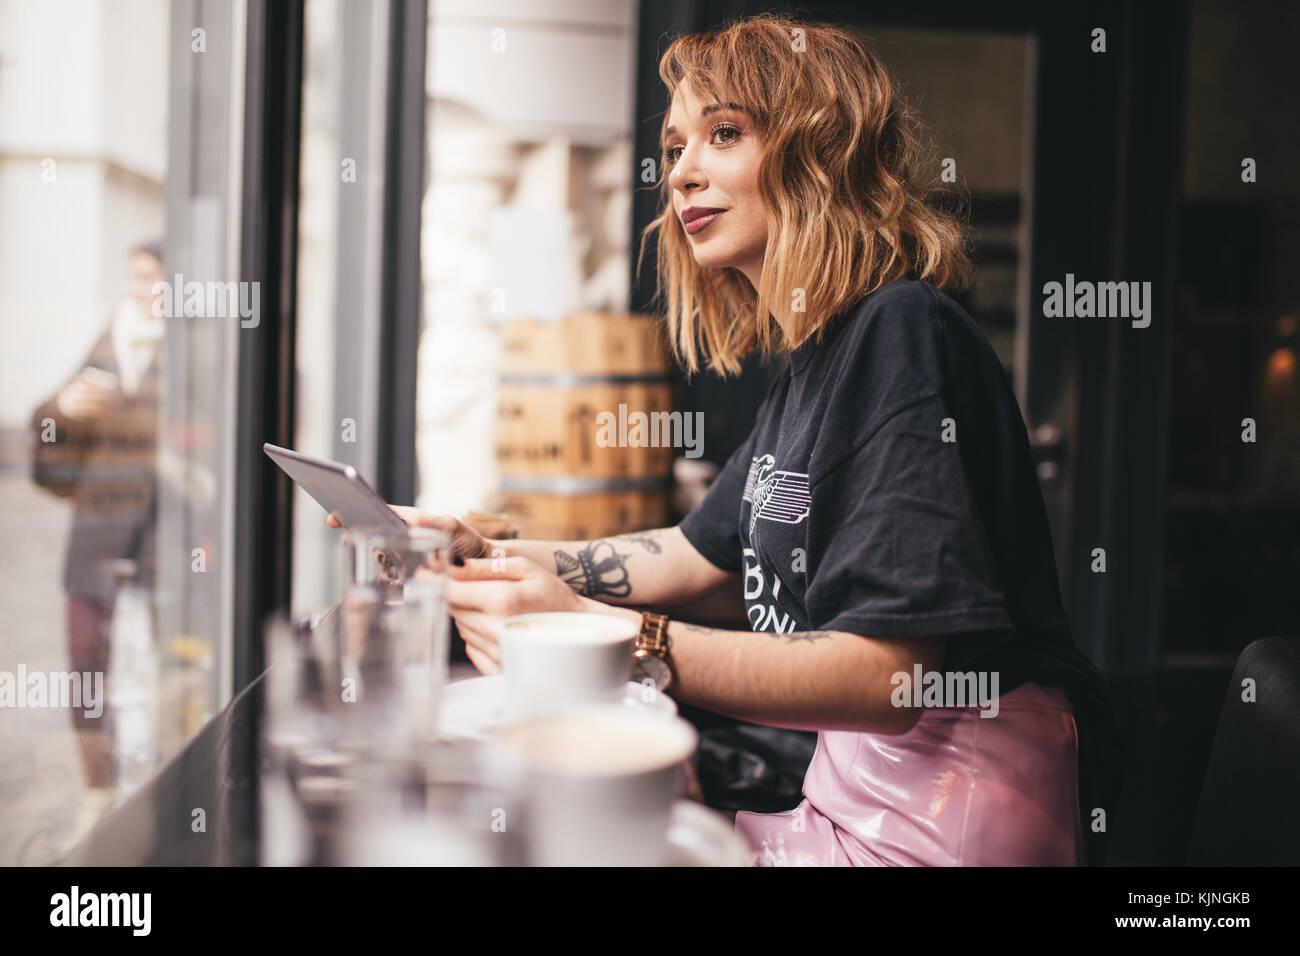 Bonita chica sonriente y mirando por una ventana de barra Imagen De Stock